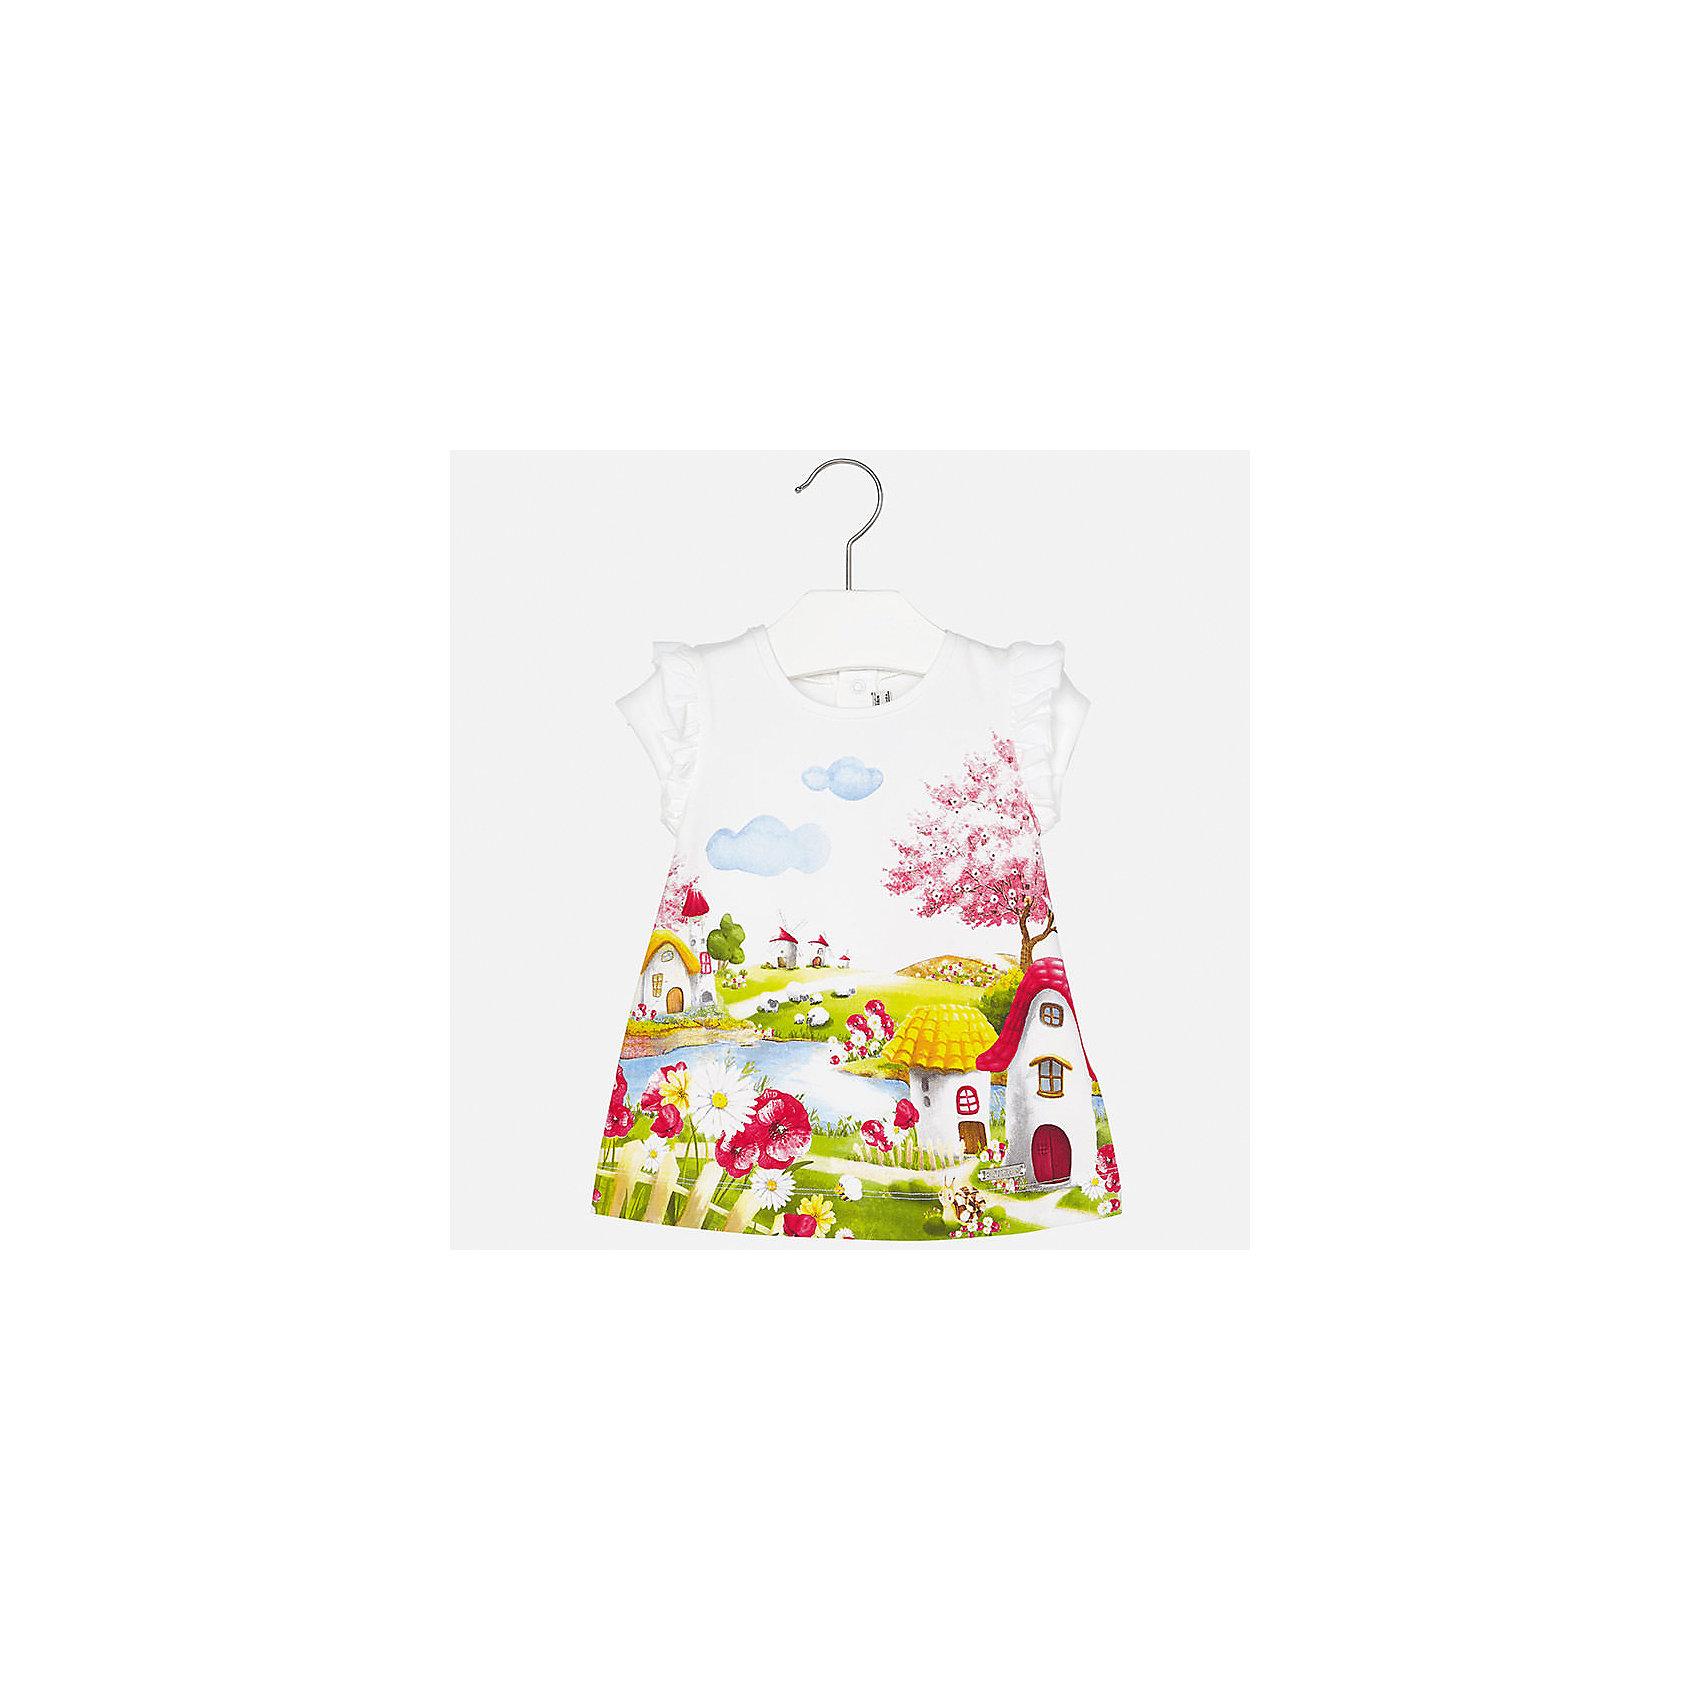 Платье для девочки MayoralОдежда<br>Характеристики товара:<br><br>• цвет: белый<br>• состав: 92% хлопок, 8% эластан<br>• оборки на рукавах<br>• сзади кнопки<br>• короткие рукава<br>• принт<br>• страна бренда: Испания<br><br>Красивое легкое платье для девочки поможет разнообразить гардероб ребенка и создать эффектный наряд. Оно подойдет и для торжественных случаев, может быть и как ежедневный наряд. Красивый оттенок позволяет подобрать к вещи обувь разных расцветок. В составе материала подкладки - натуральный хлопок, гипоаллергенный, приятный на ощупь, дышащий. Платье хорошо сидит по фигуре.<br><br>Одежда, обувь и аксессуары от испанского бренда Mayoral полюбились детям и взрослым по всему миру. Модели этой марки - стильные и удобные. Для их производства используются только безопасные, качественные материалы и фурнитура. Порадуйте ребенка модными и красивыми вещами от Mayoral! <br><br>Платье для девочки от испанского бренда Mayoral (Майорал) можно купить в нашем интернет-магазине.<br><br>Ширина мм: 236<br>Глубина мм: 16<br>Высота мм: 184<br>Вес г: 177<br>Цвет: красный<br>Возраст от месяцев: 6<br>Возраст до месяцев: 9<br>Пол: Женский<br>Возраст: Детский<br>Размер: 74,92,80,86<br>SKU: 5289228